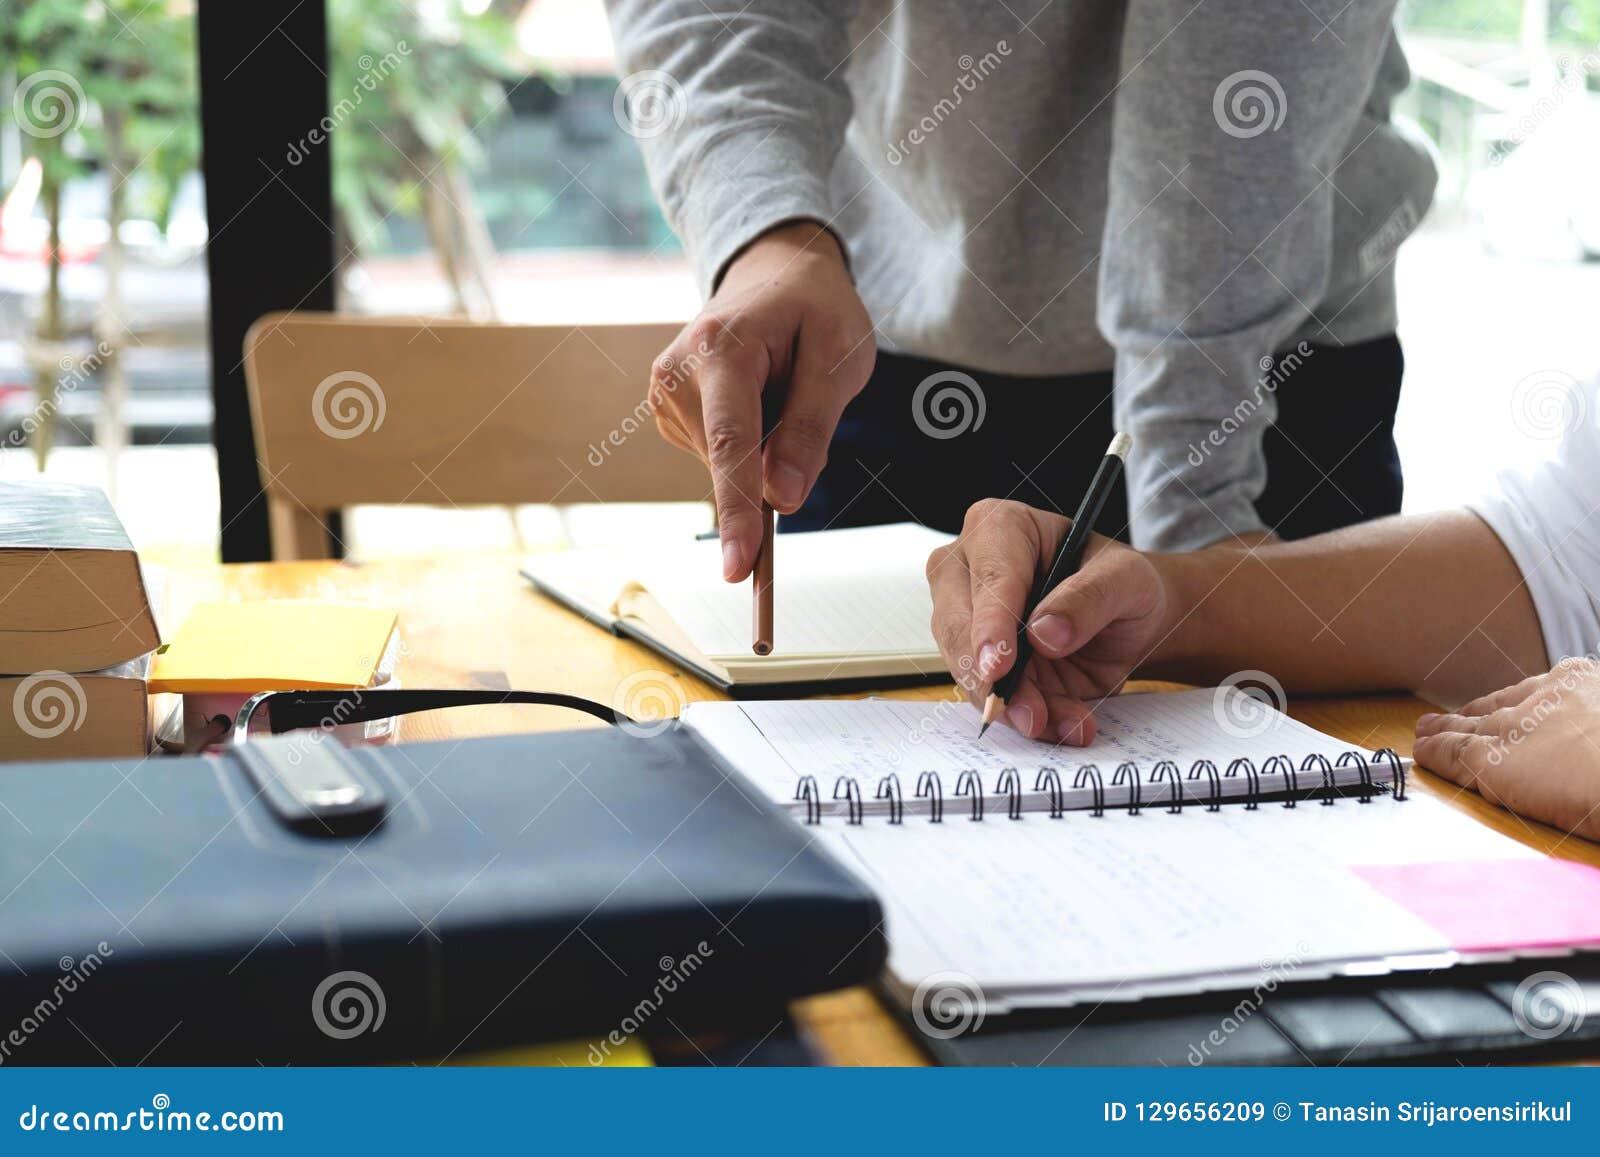 Studenten hilft dem Freund, der abhängiges zusätzliches i unterrichtet und lernt